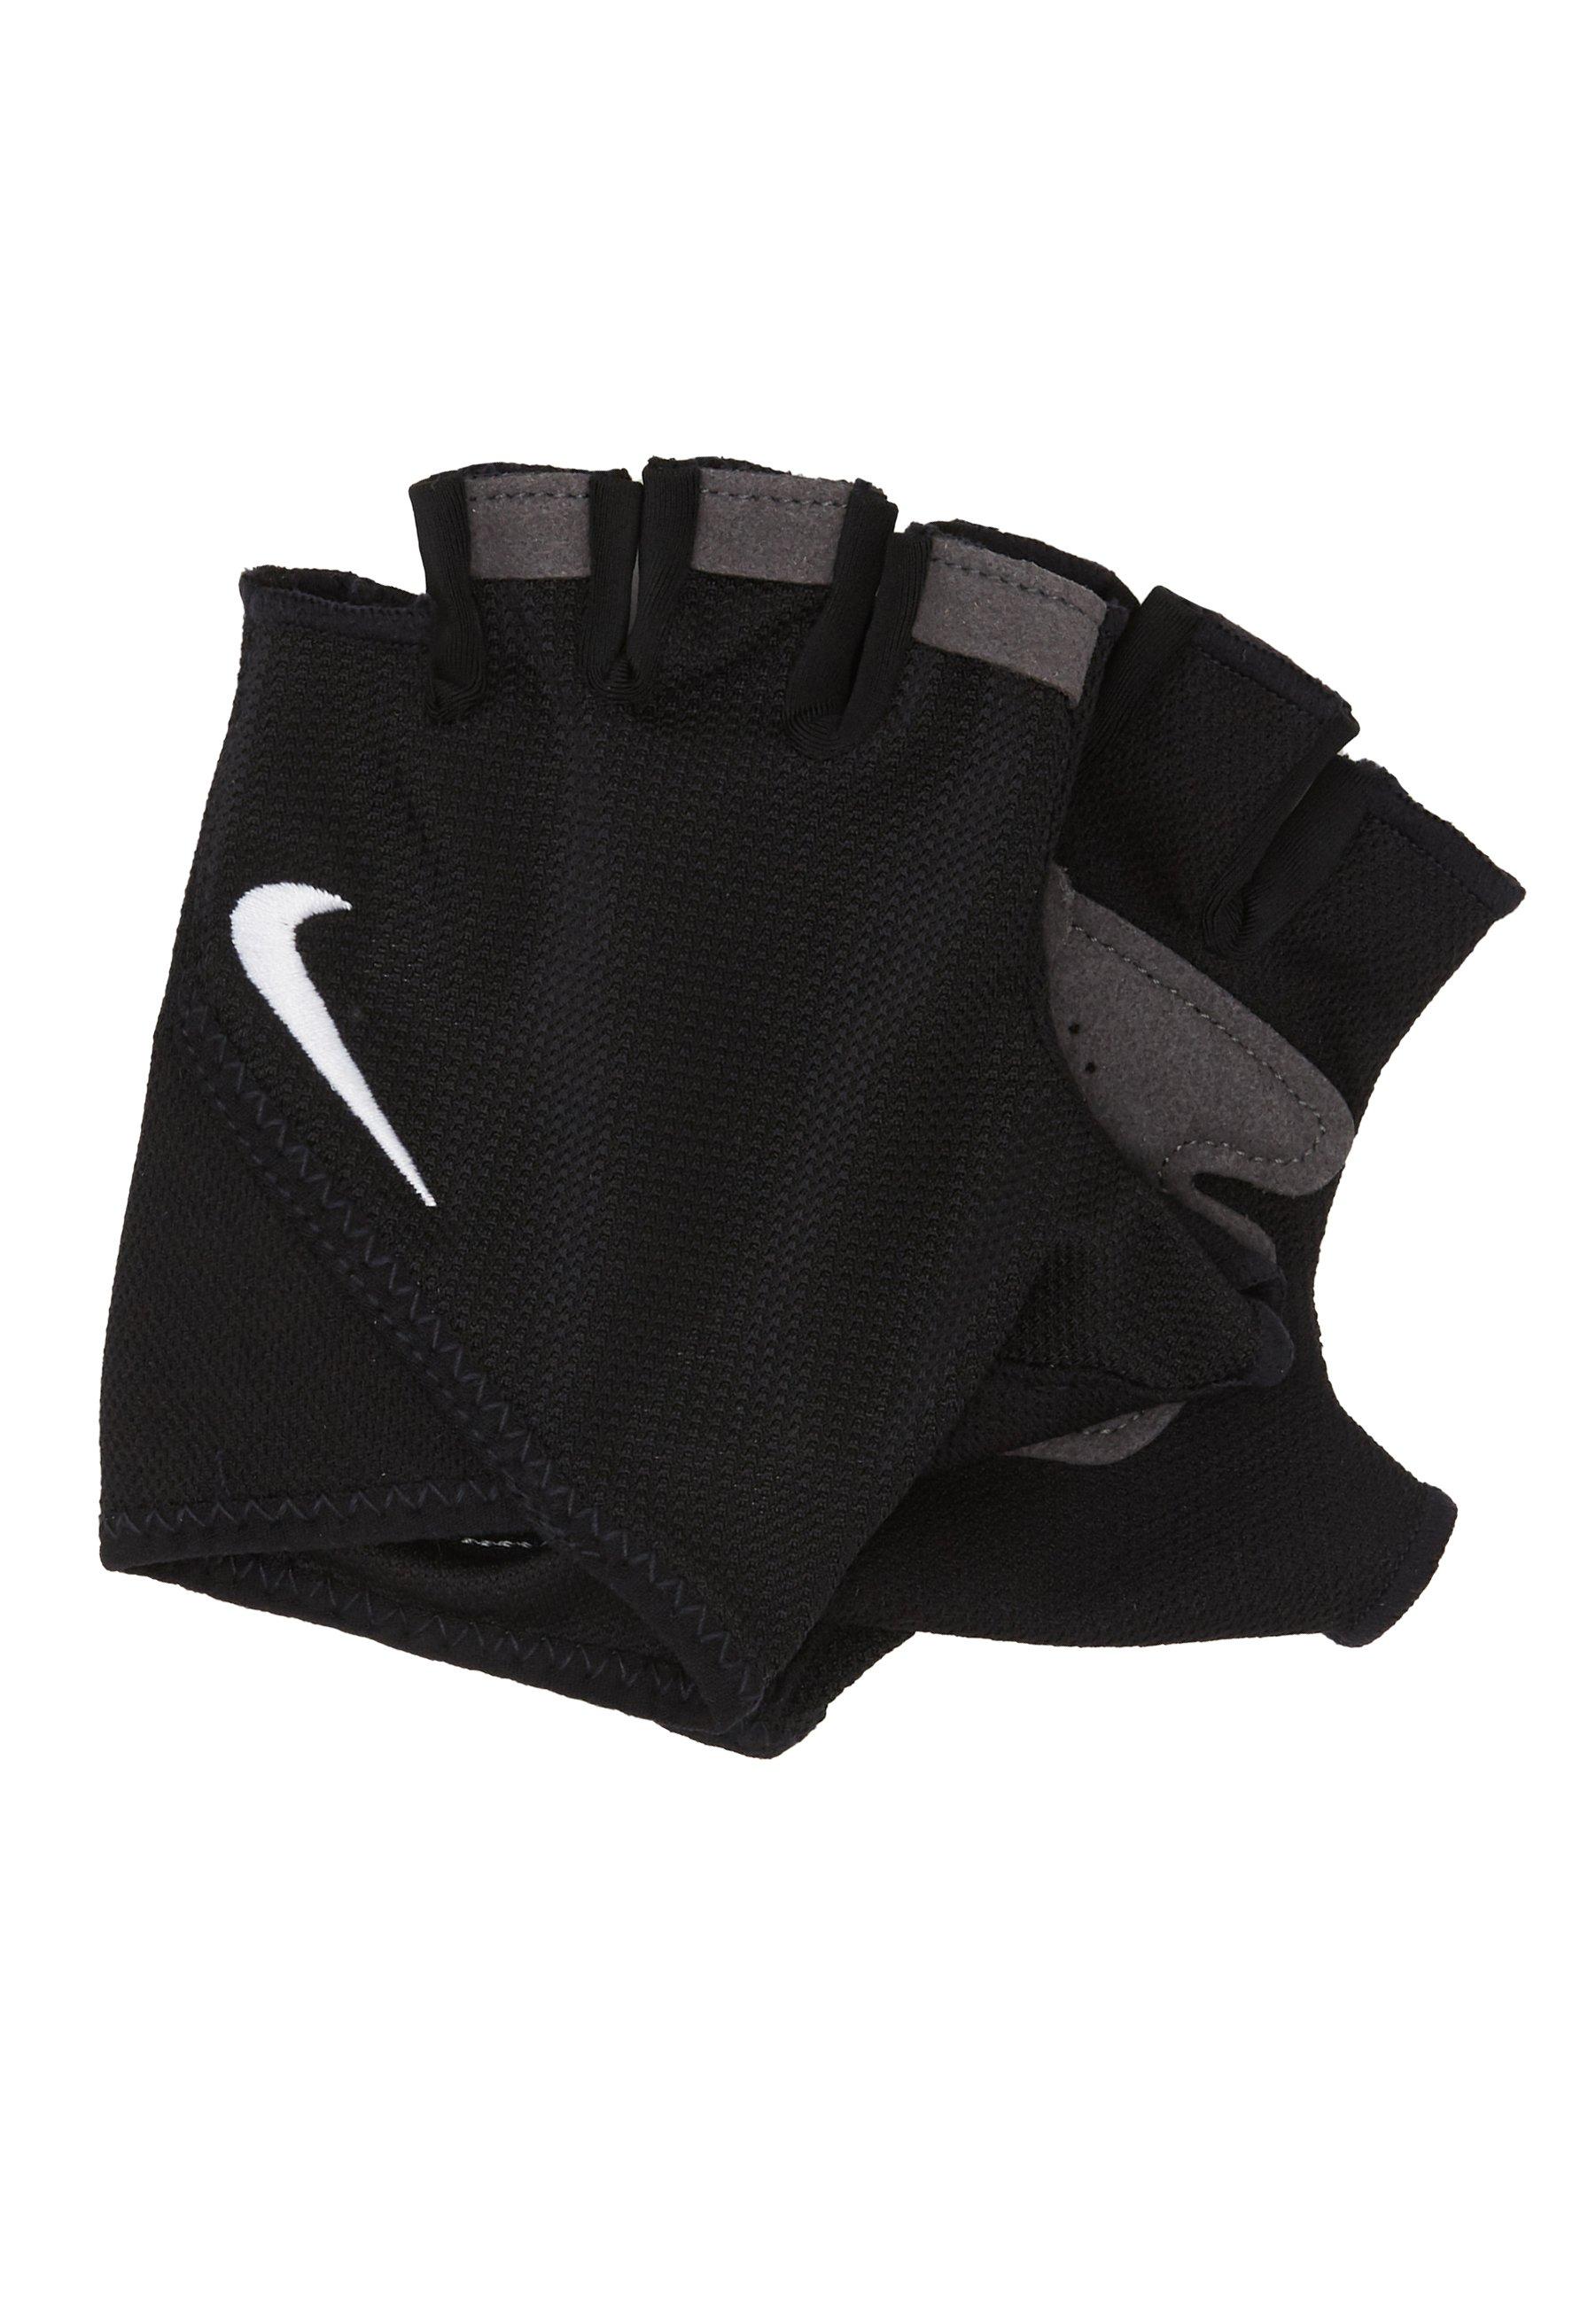 Women WOMEN'S GYM ESSENTIAL FITNESS GLOVES - Fingerless gloves